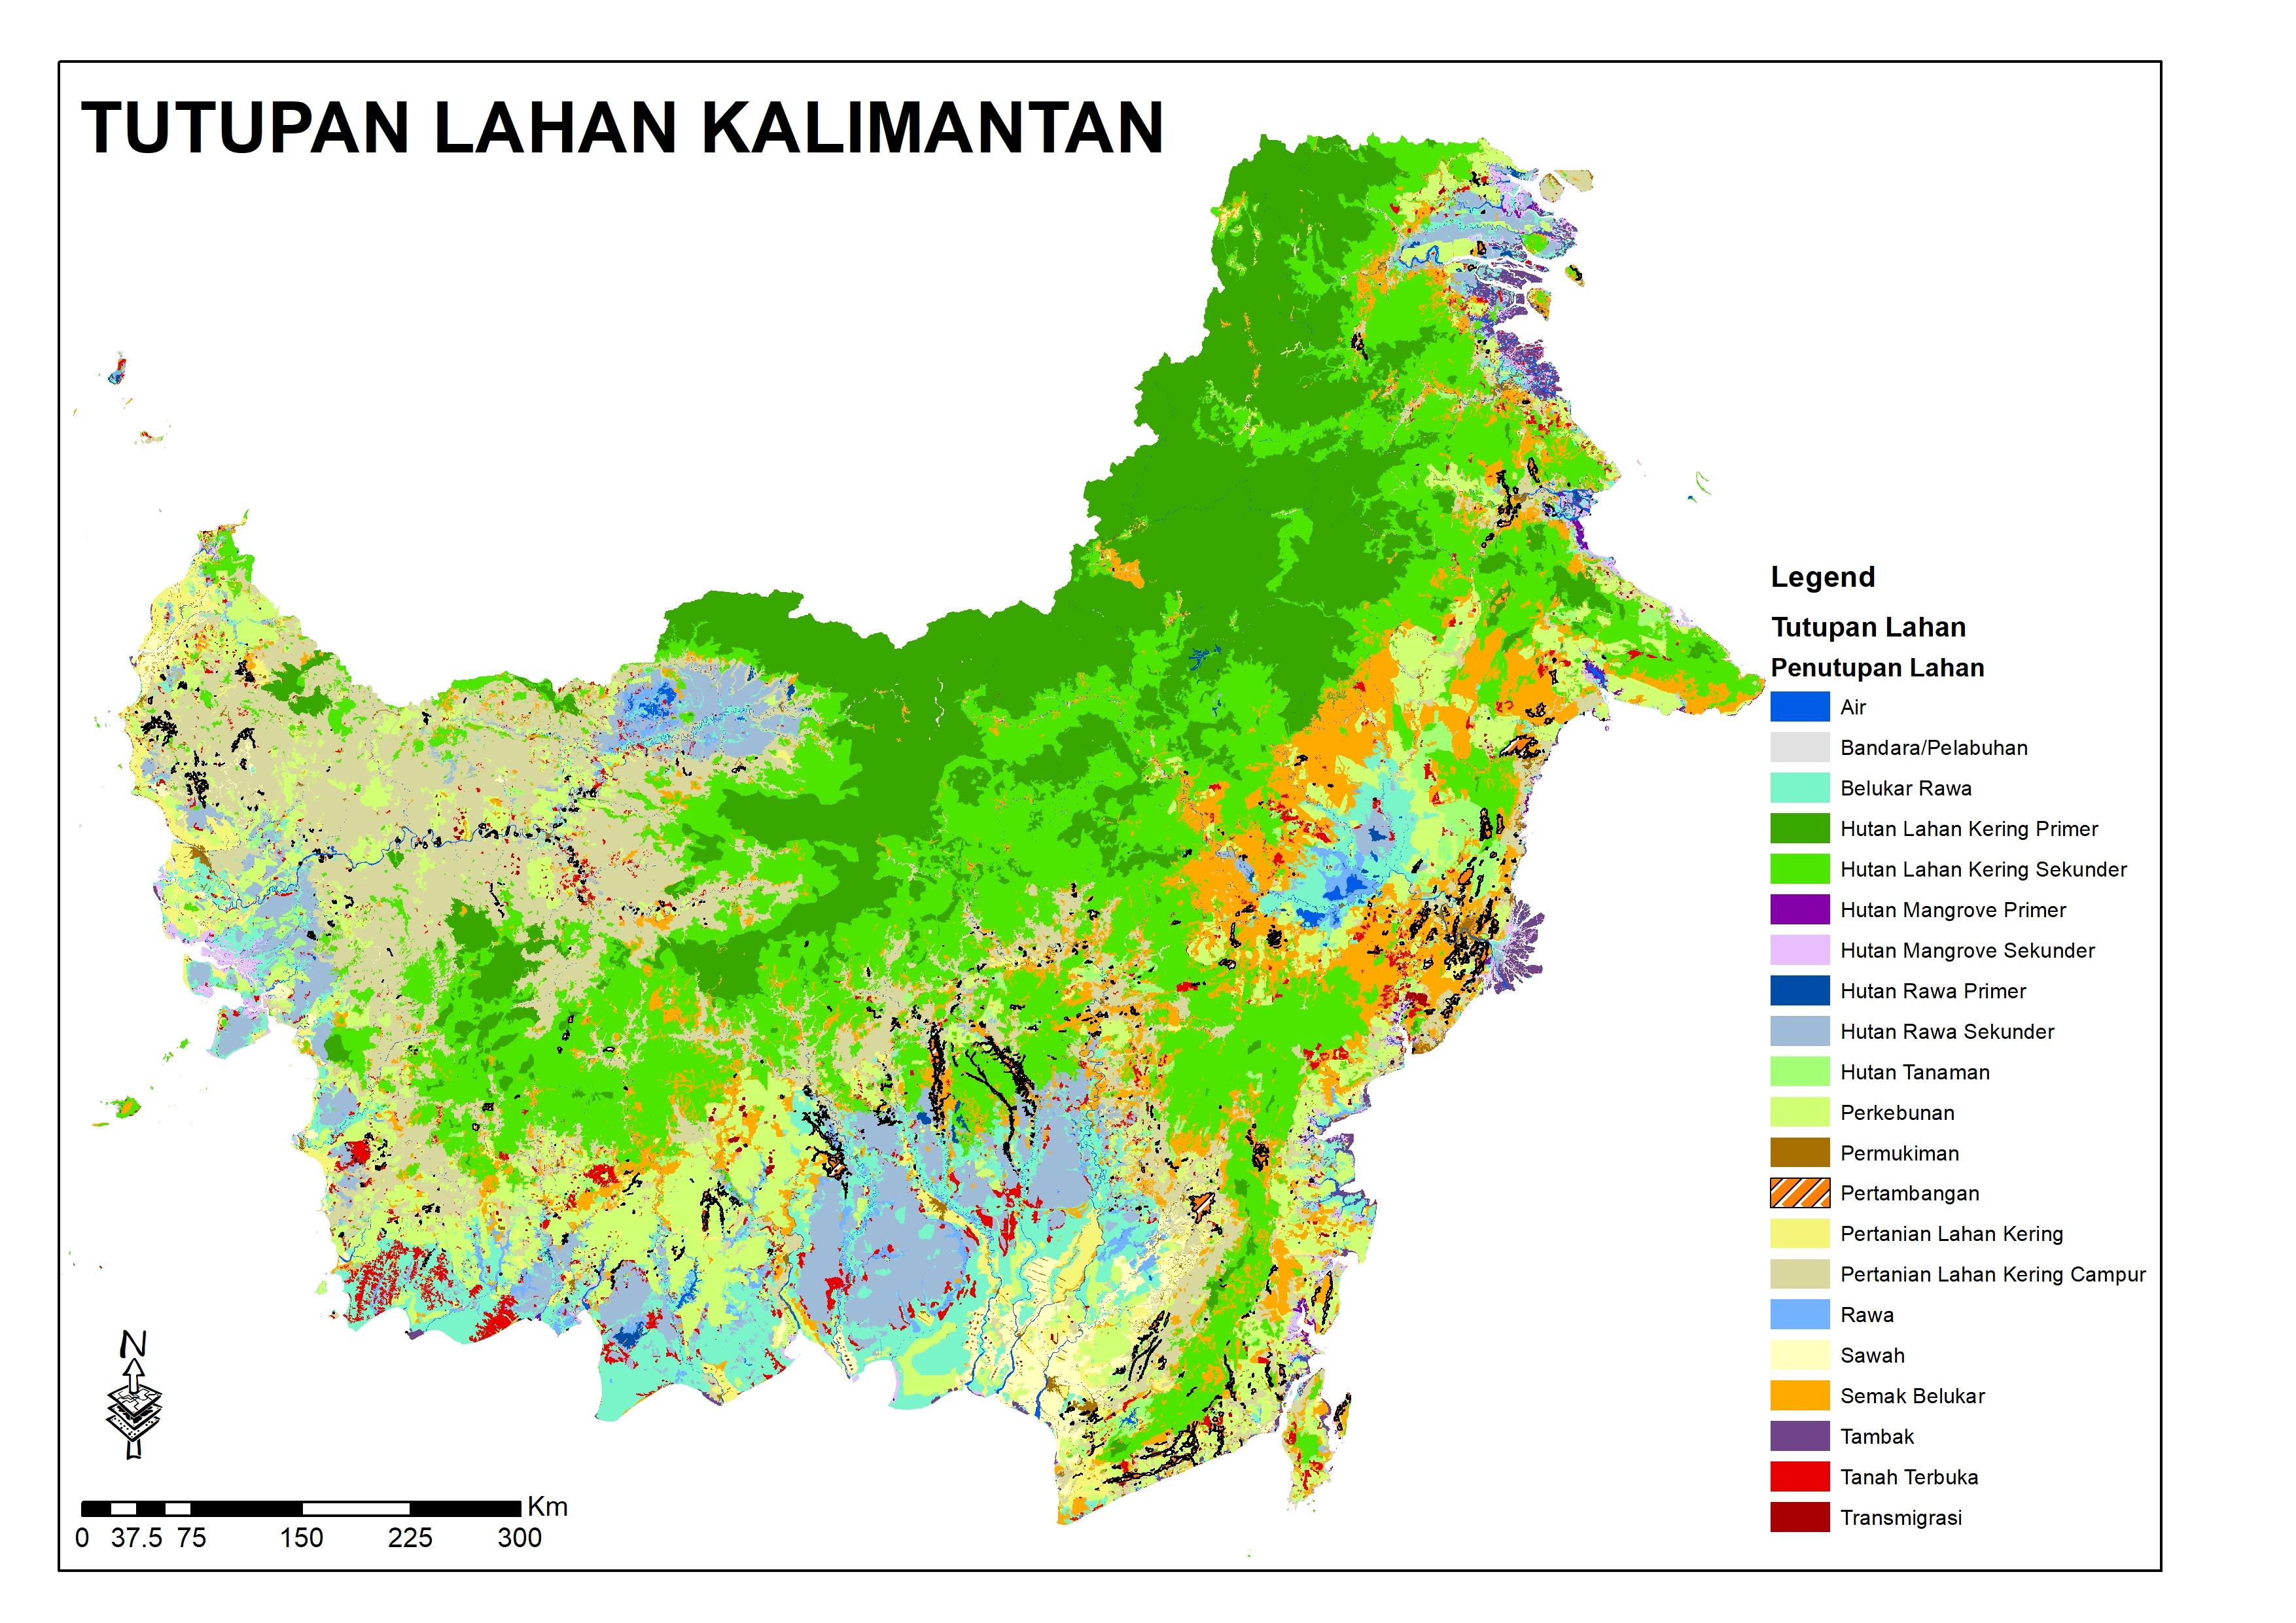 Tutupan lahan Kalimantan